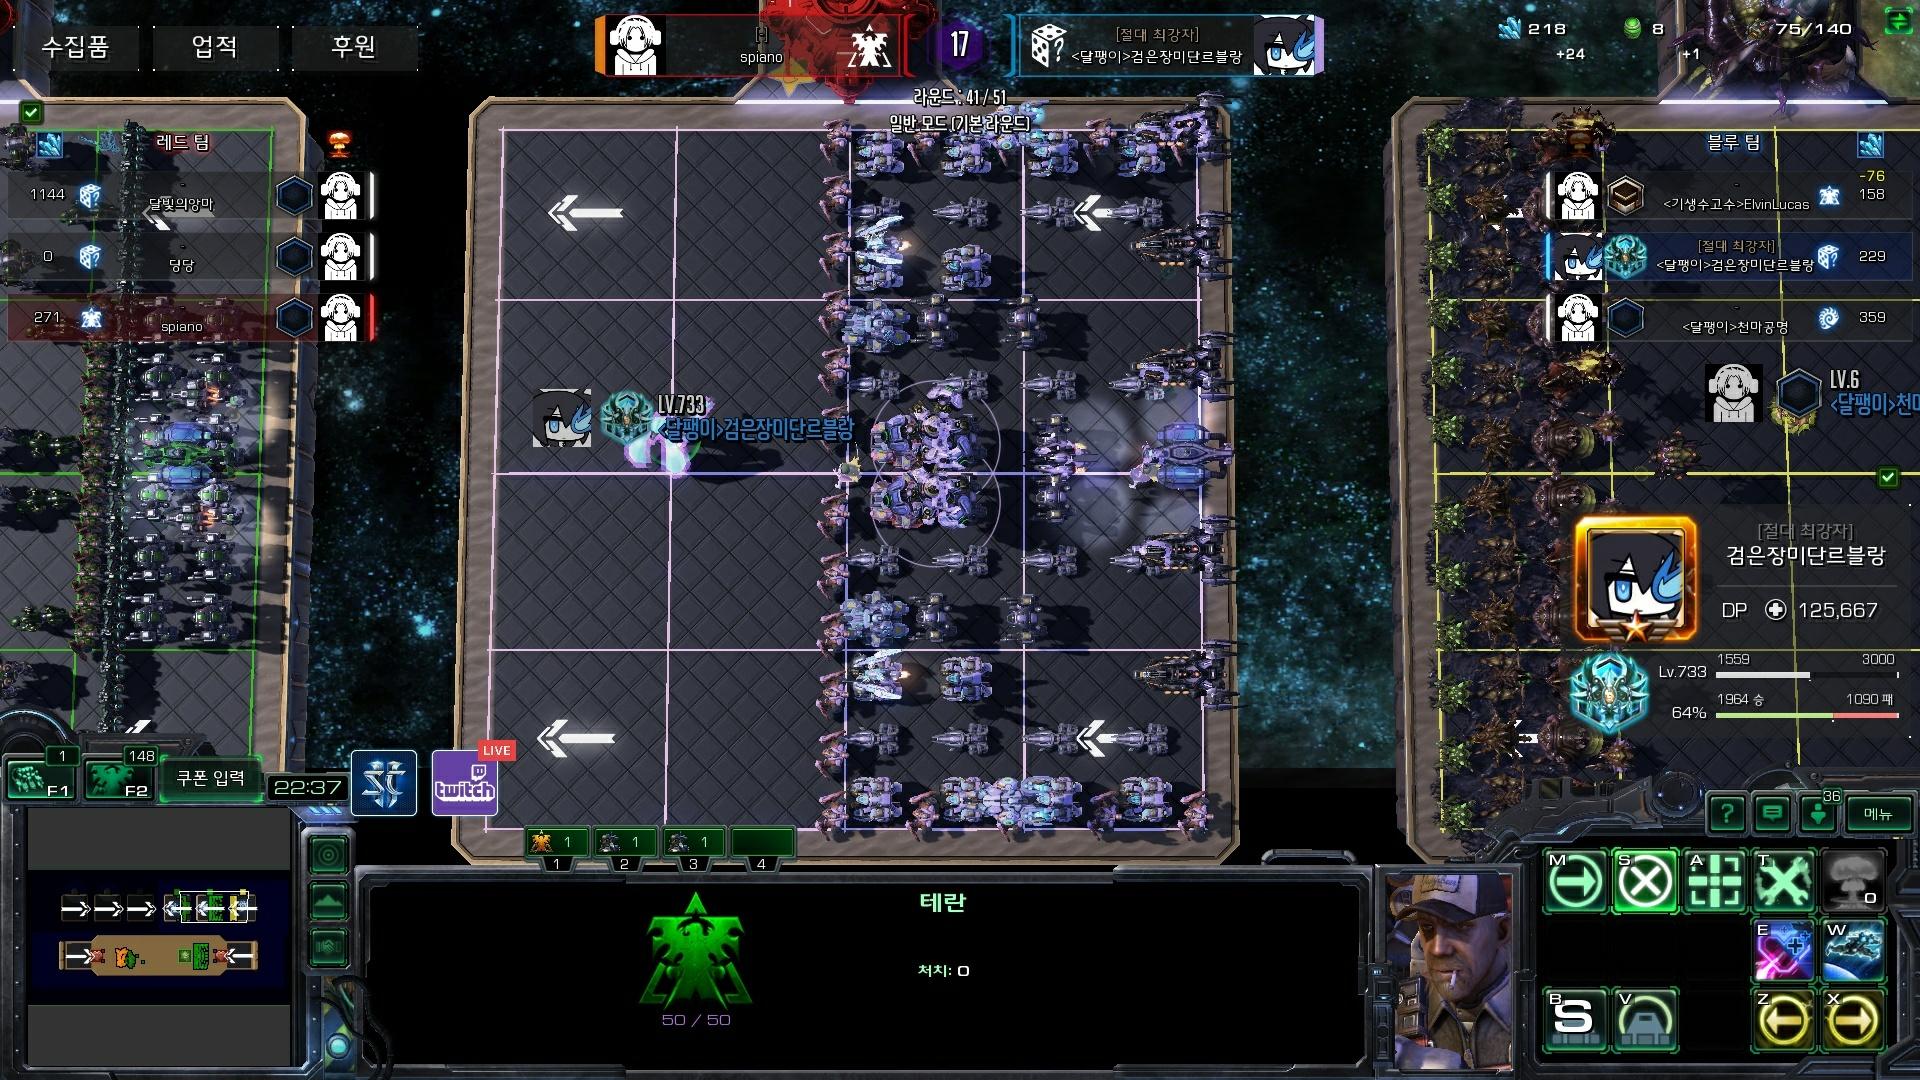 Screenshot2020-02-15 13_04_23.jpg